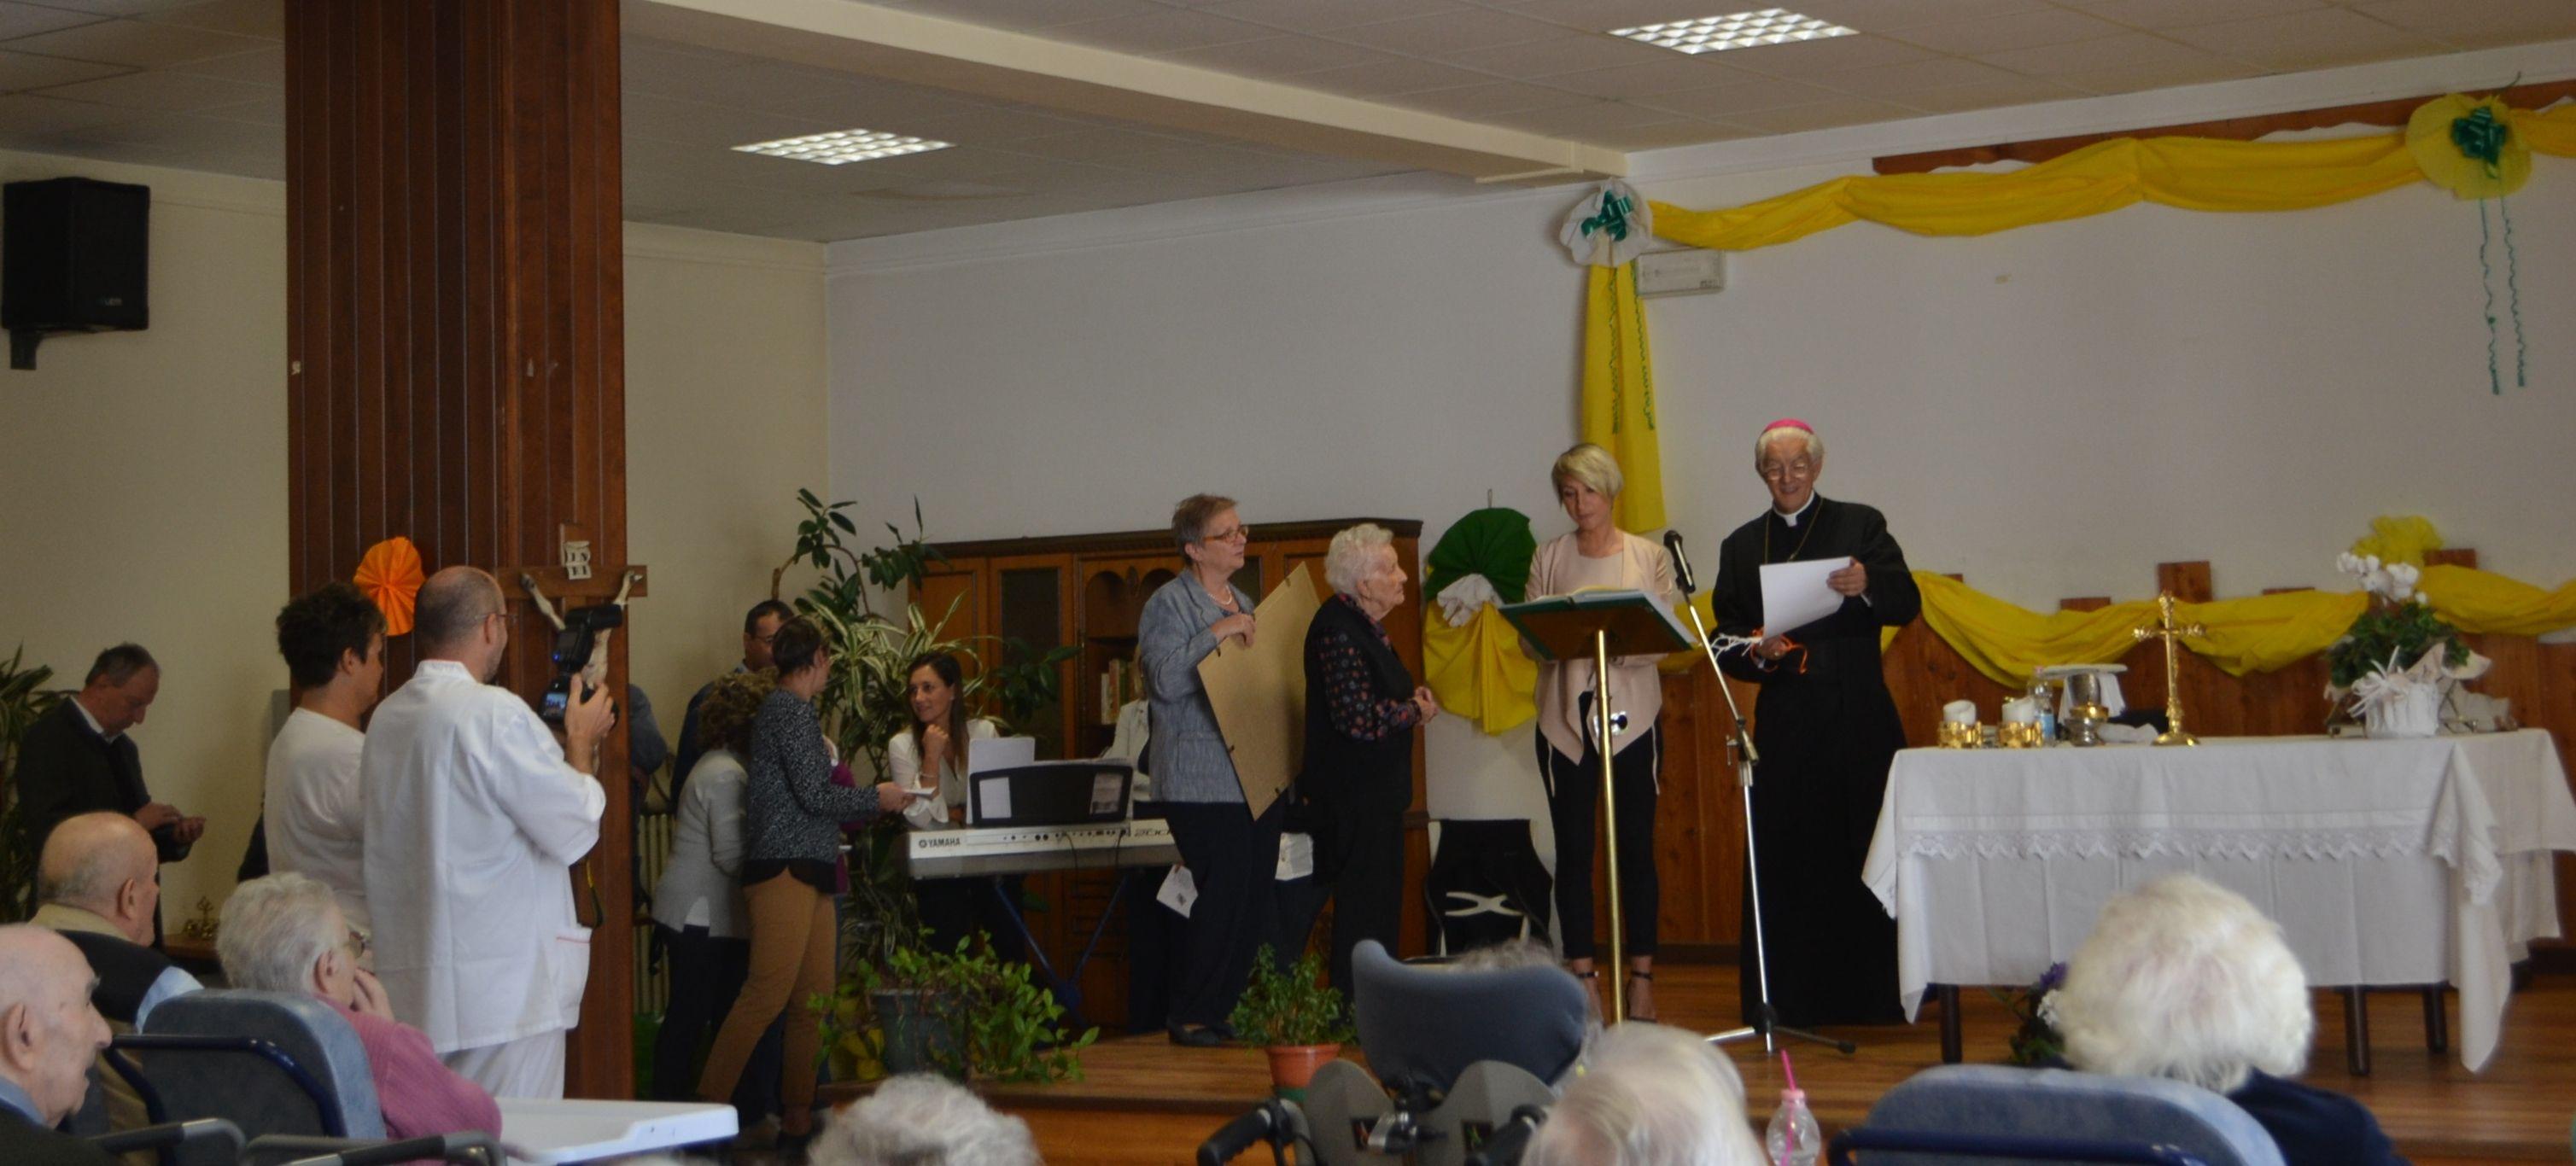 LOCANA - In visita al Vernetti il vescovo di Ivrea Edoardo Aldo Cerrato - FOTO